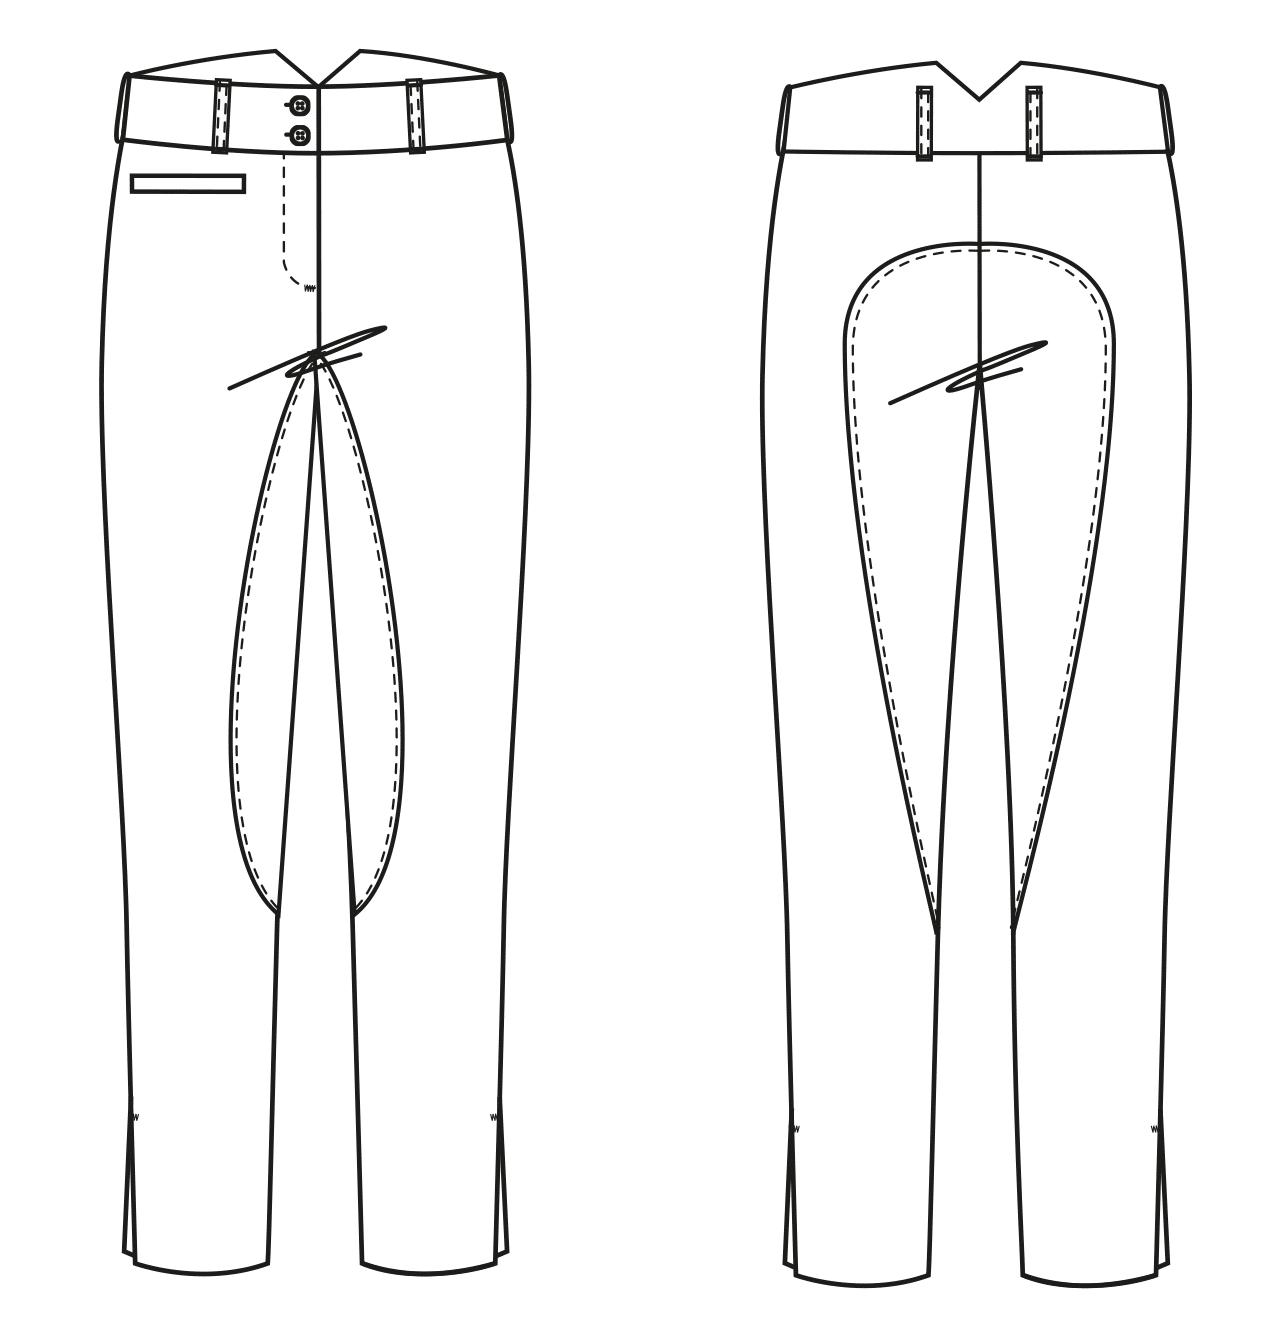 Diese Abbildung zeigt die Vorder- und Rückansicht einer technischen Zeichnung von einer Reithose. Sie dient als Vorlage für ein Schnittmuster auf einem Schnittmusterbogen von Müller und Sohn.